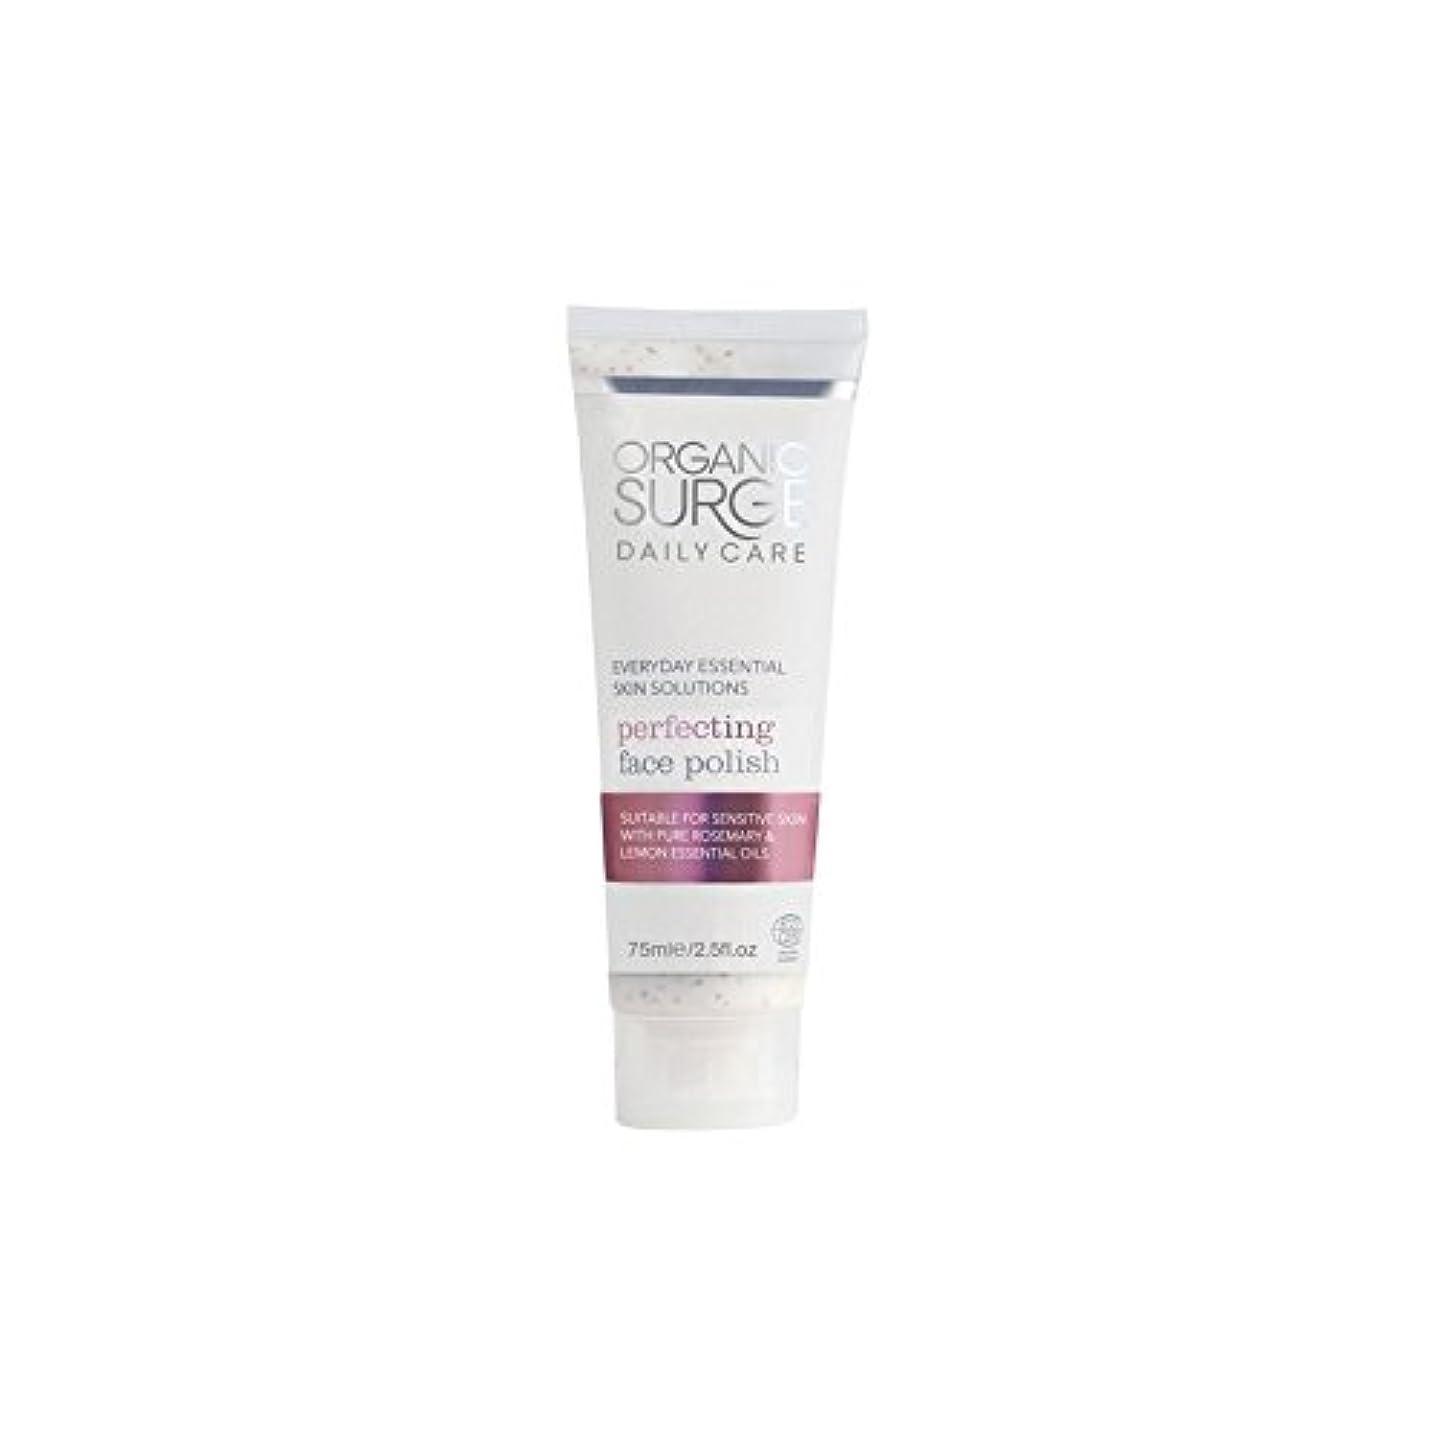 開梱パトロン社交的面研磨を完成有機サージ毎日のケア(75ミリリットル) x2 - Organic Surge Daily Care Perfecting Face Polish (75ml) (Pack of 2) [並行輸入品]